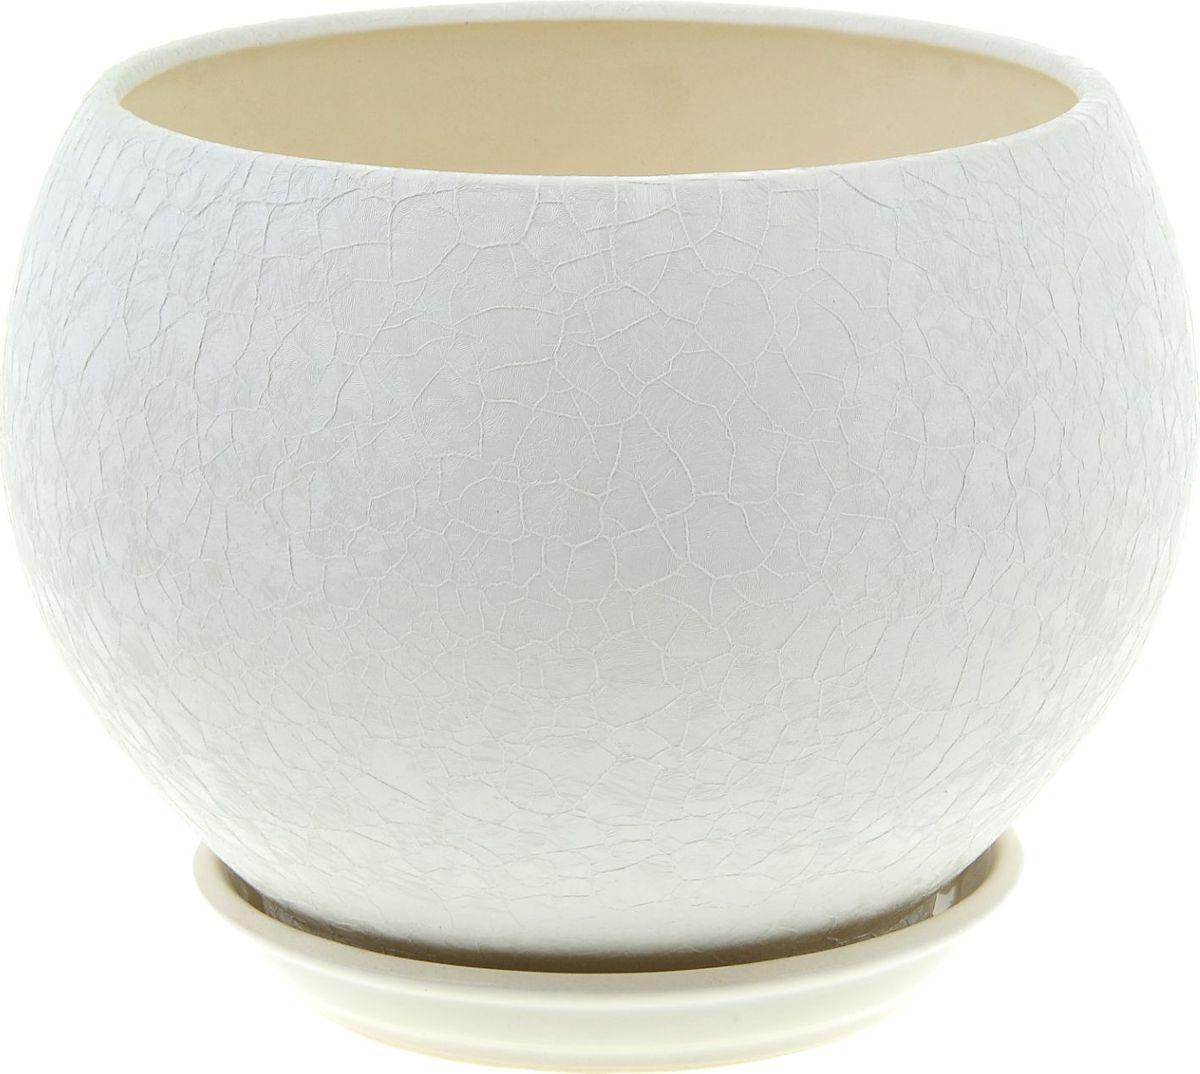 Кашпо Керамика ручной работы Шар, цвет: белый, 4,1 л835707Комнатные растения - всеобщие любимцы. Они радуют глаз, насыщают помещение кислородом и украшают пространство. Каждому из них необходим свой удобный и красивый дом.Кашпо из керамики прекрасно подходит для высадки растений:за счёт пластичности глины и разных способов обработки существует великое множество форм и дизайнов; пористый материал позволяет испаряться лишней влаге; воздух, необходимый для дыхания корней, проникает сквозь керамические стенки.Кашпо для цветов освежит интерьер и подчеркнёт его стиль.